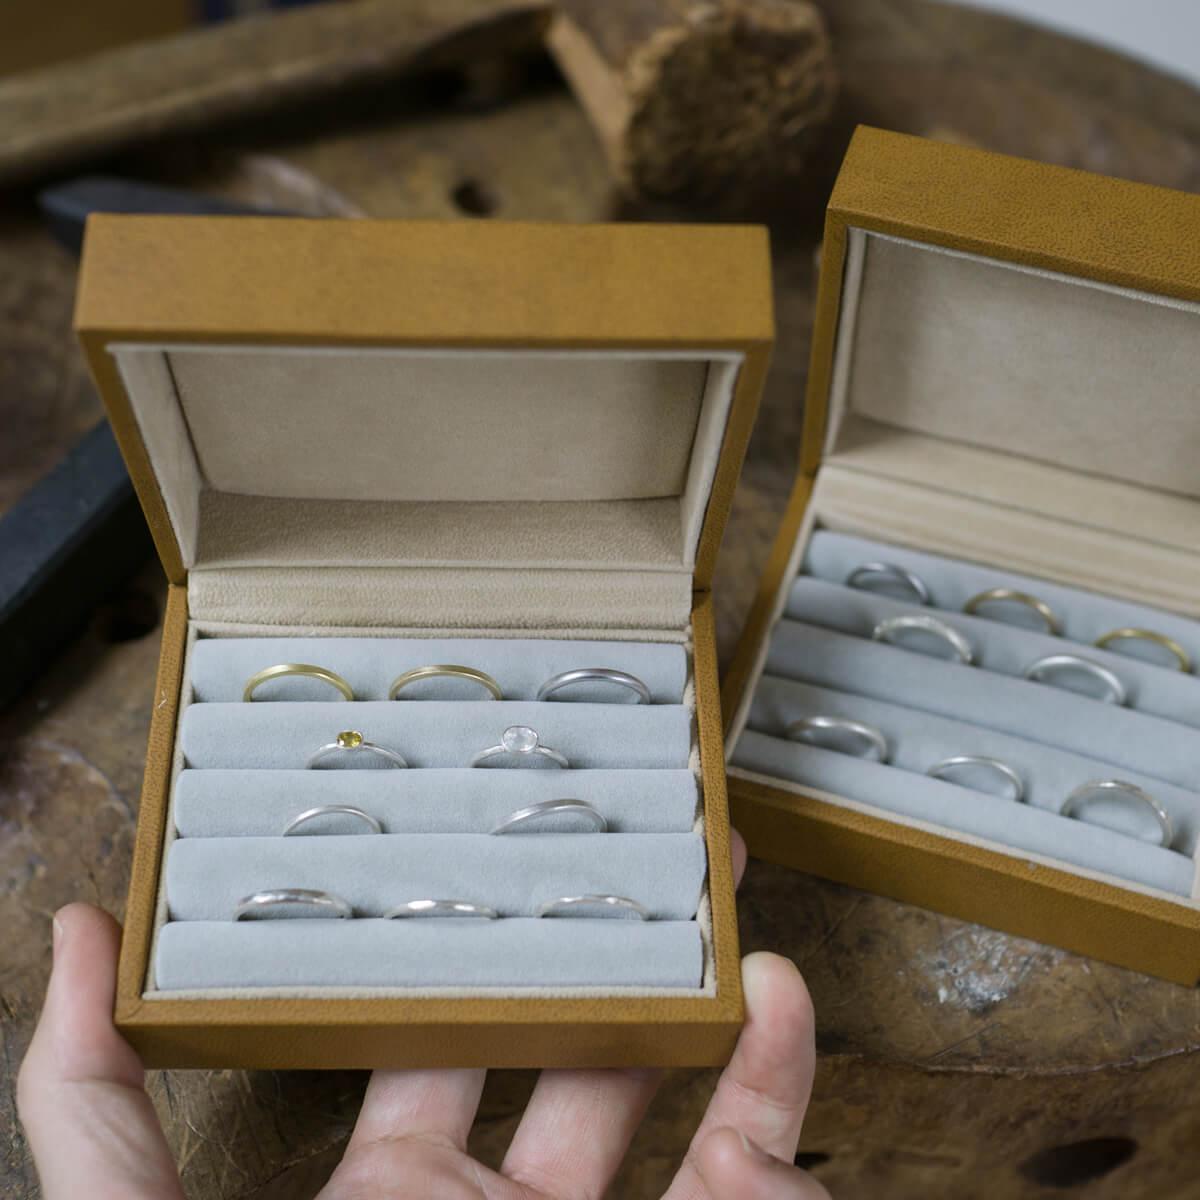 オーダーメイドマリッジリングのサンプルリング シルバー、ゴールド、プラチナ ジュエリーのアトリエ 屋久島でつくる結婚指輪